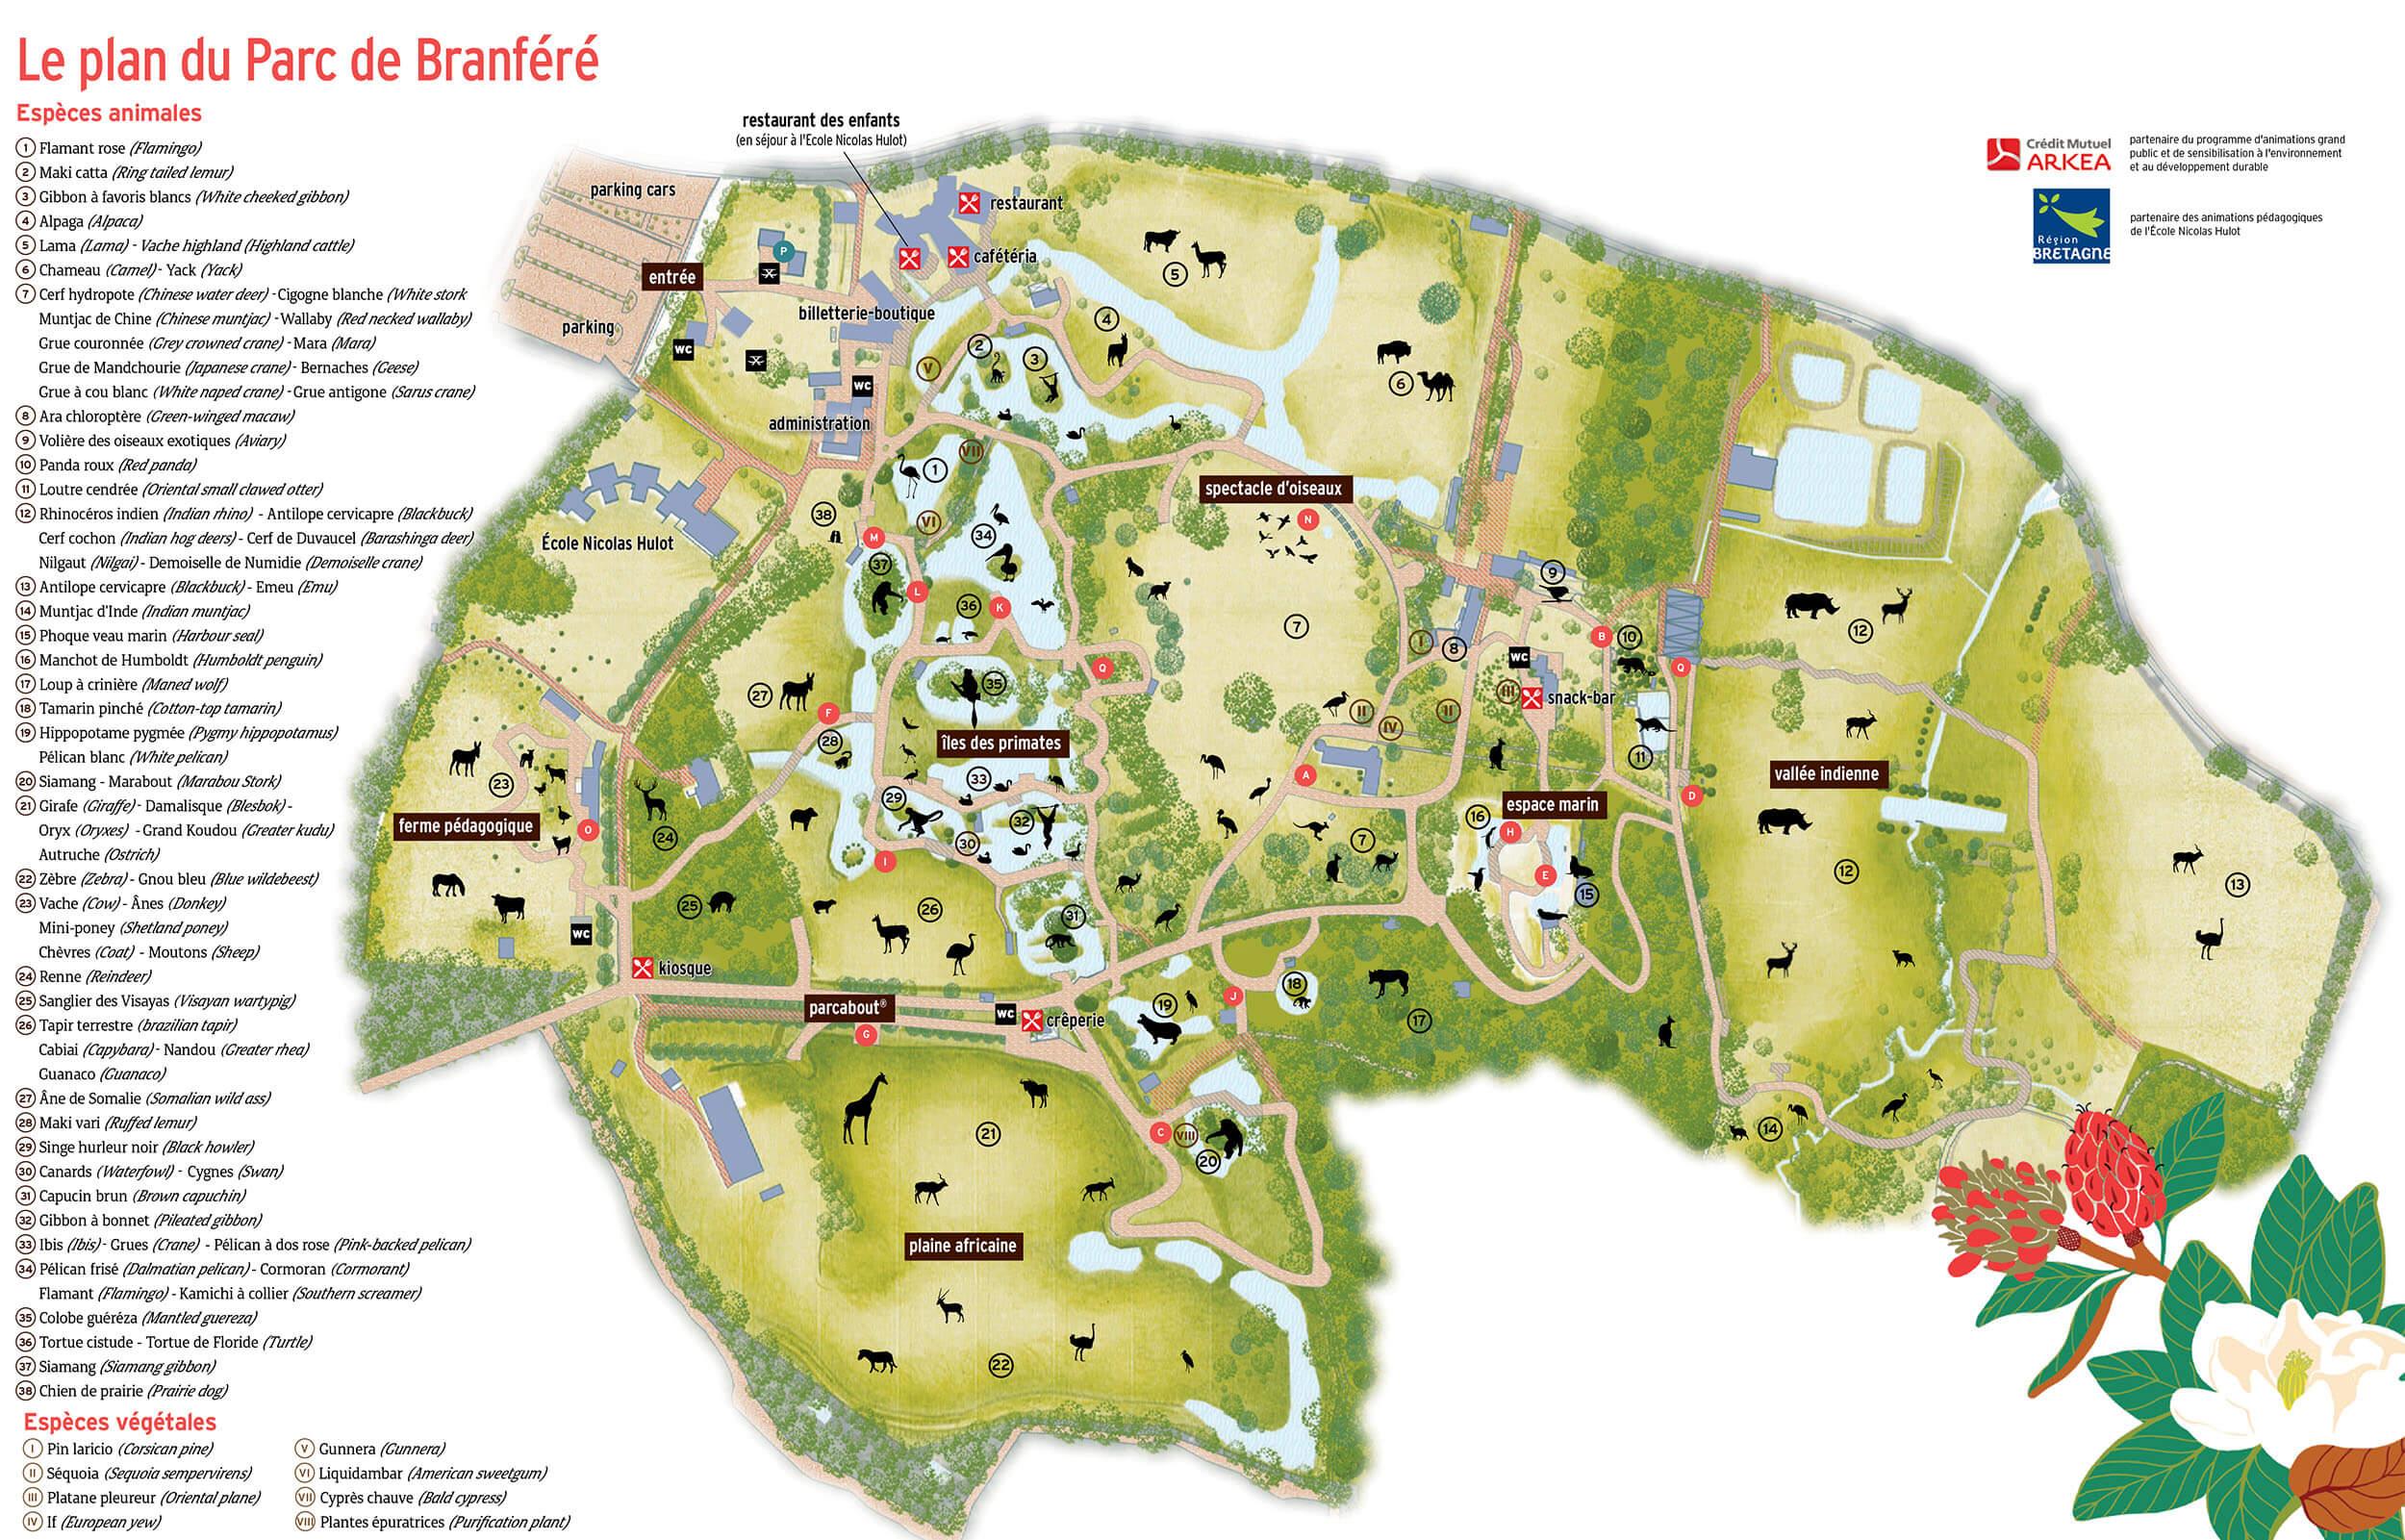 plan légende parc de branféré